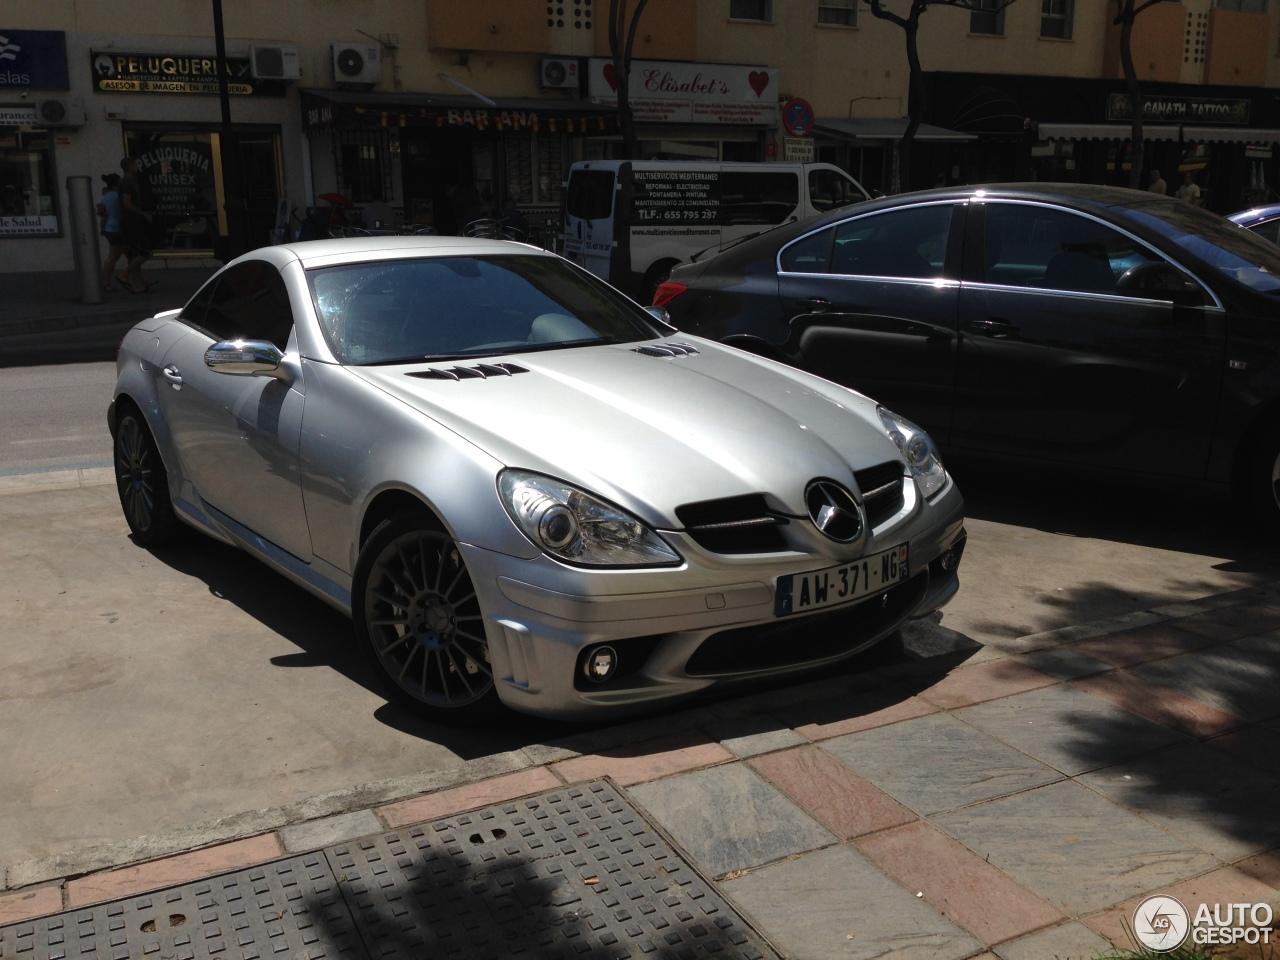 Mercedes benz slk 55 amg r171 22 july 2014 autogespot for 2014 mercedes benz slk350